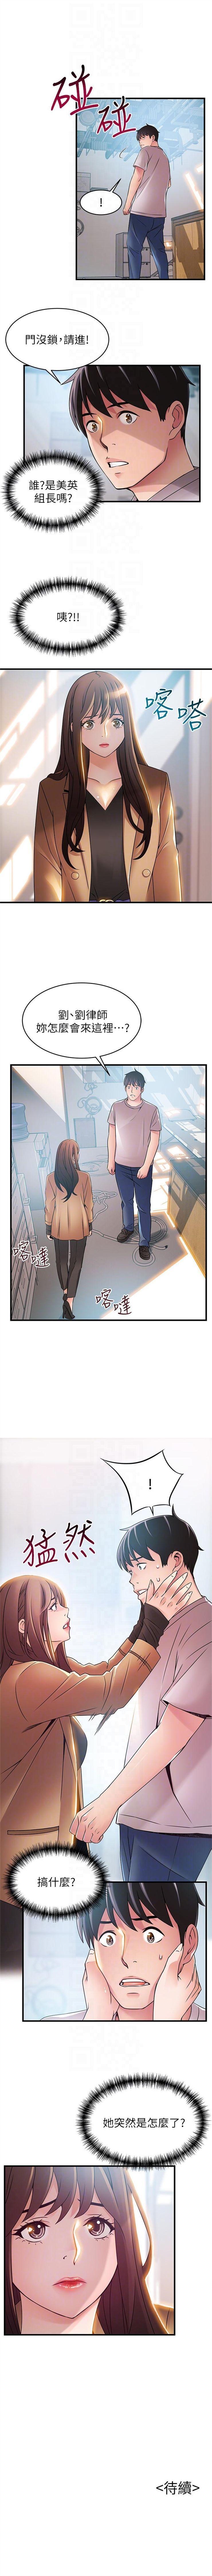 (週7)弱點 1-76 中文翻譯(更新中) 231